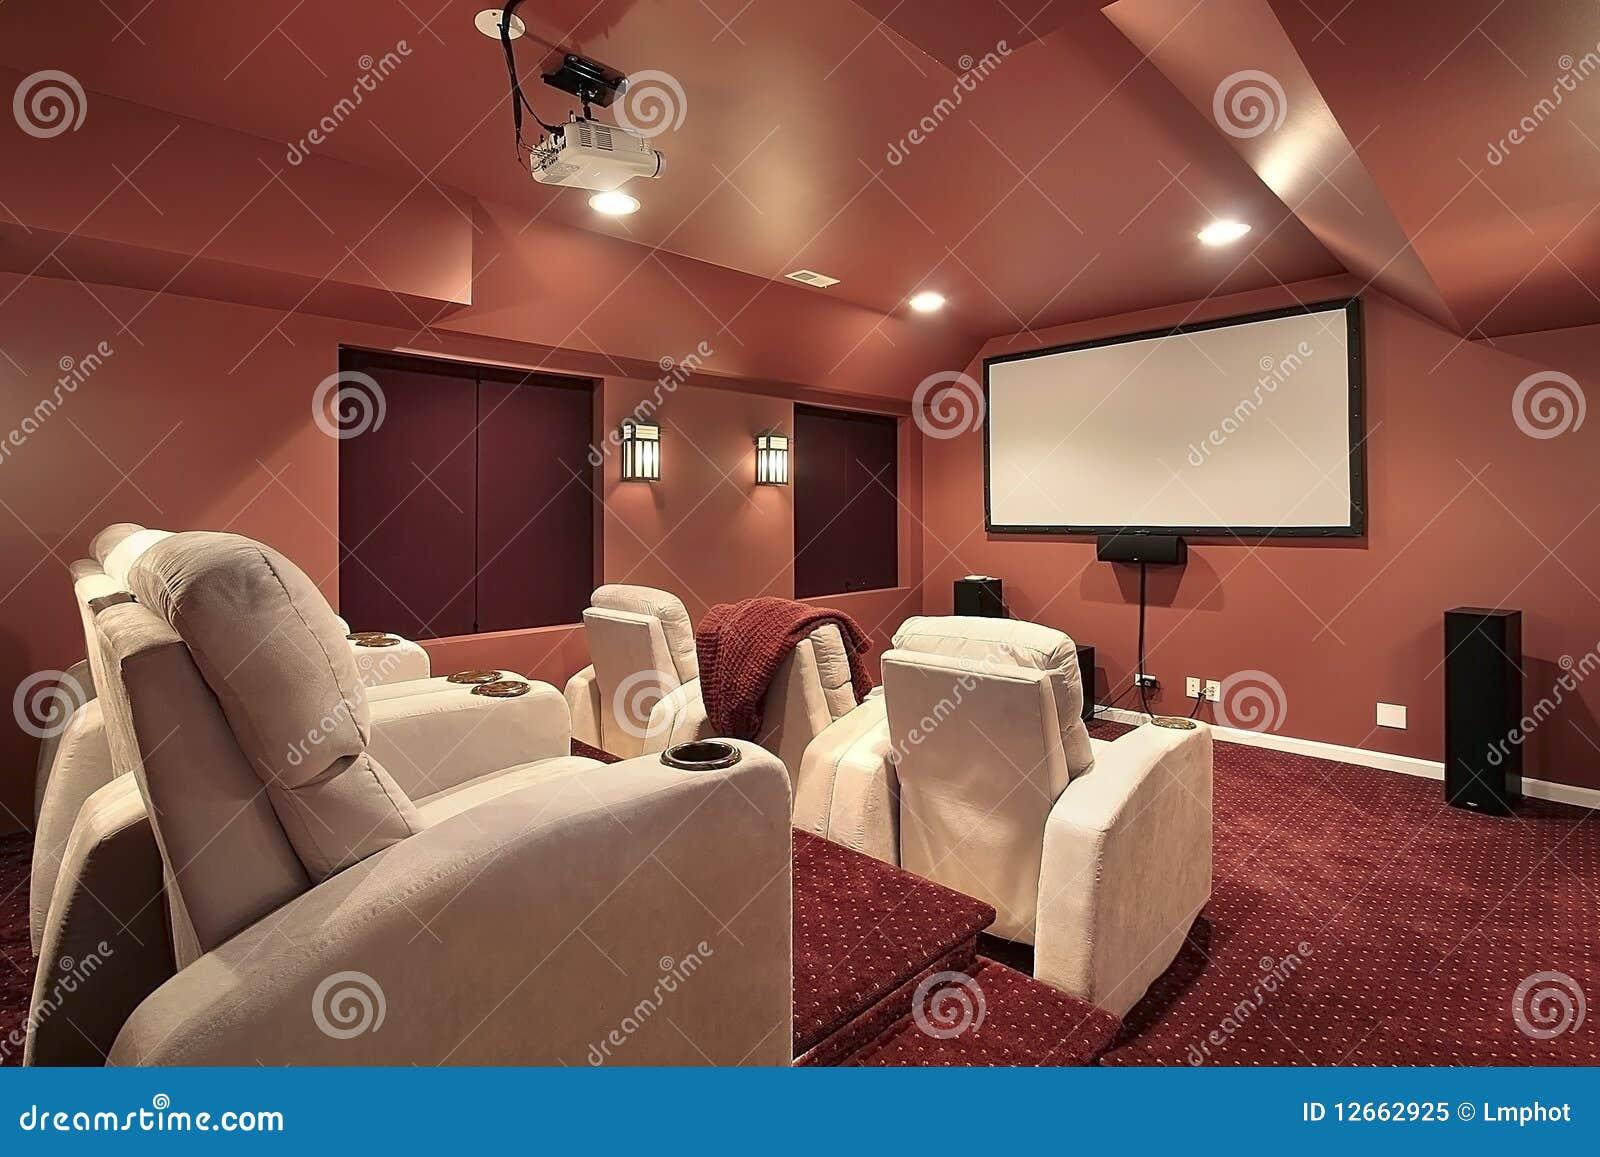 Lampadario murano moderno - Blog decorazione interni ...